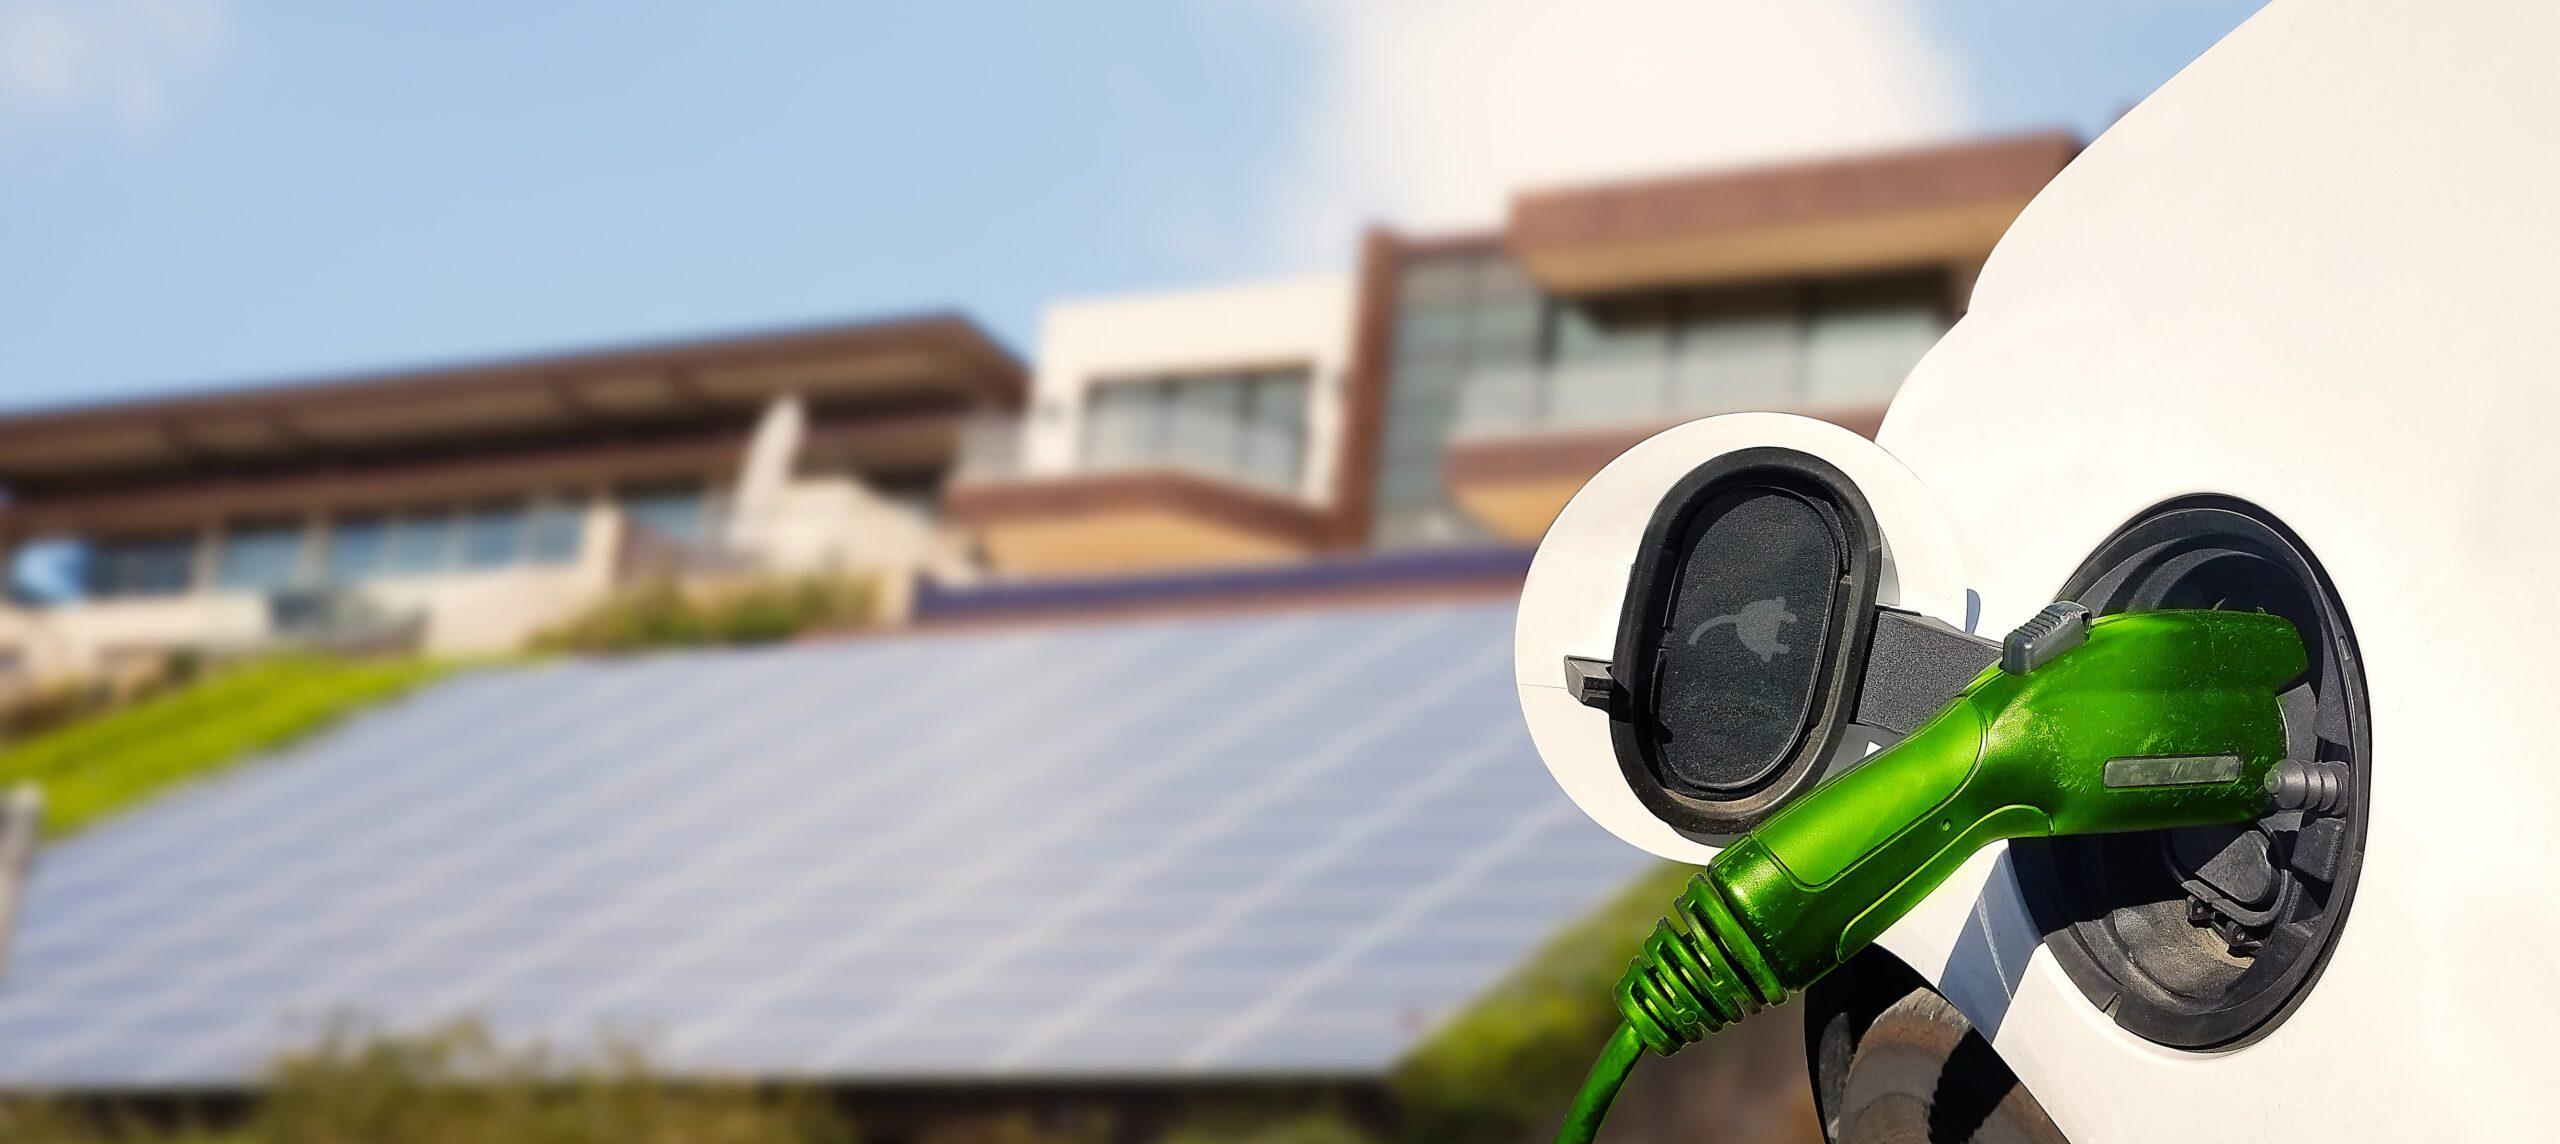 Rechargement d'une voiture électrique avec des panneaux solaires | Energreen